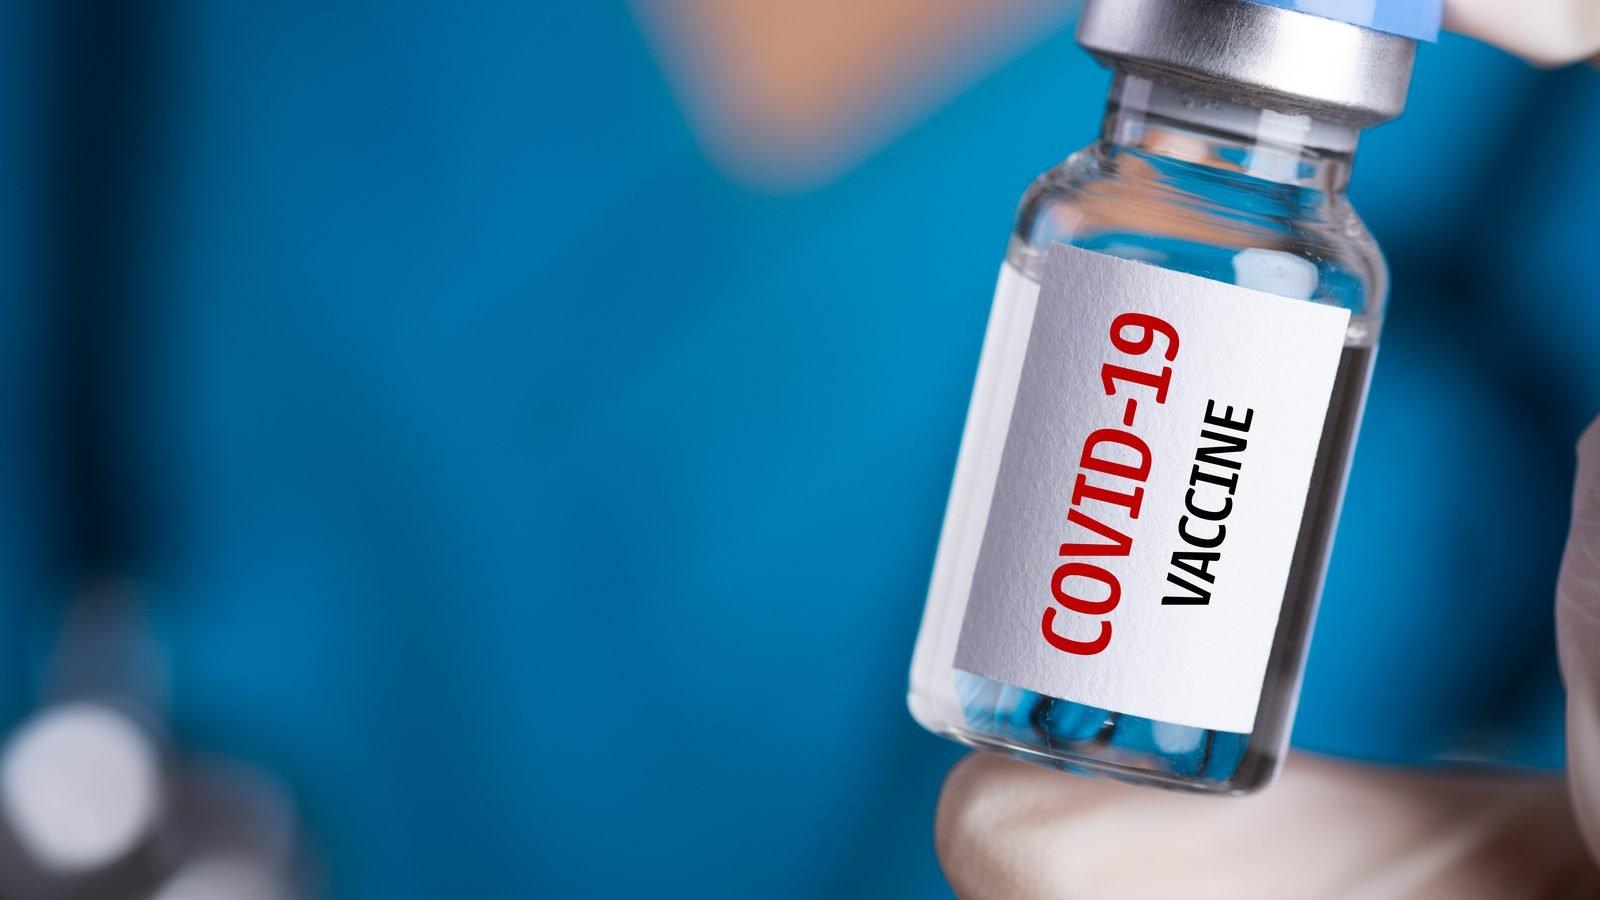 """""""Вероселл"""" вакцины 2 тунд хамрагдсан зарим иргэн шинжилгээгээр өндөр дархлаа тогтсон талаараа цахим орчинд хуваалцжээ"""